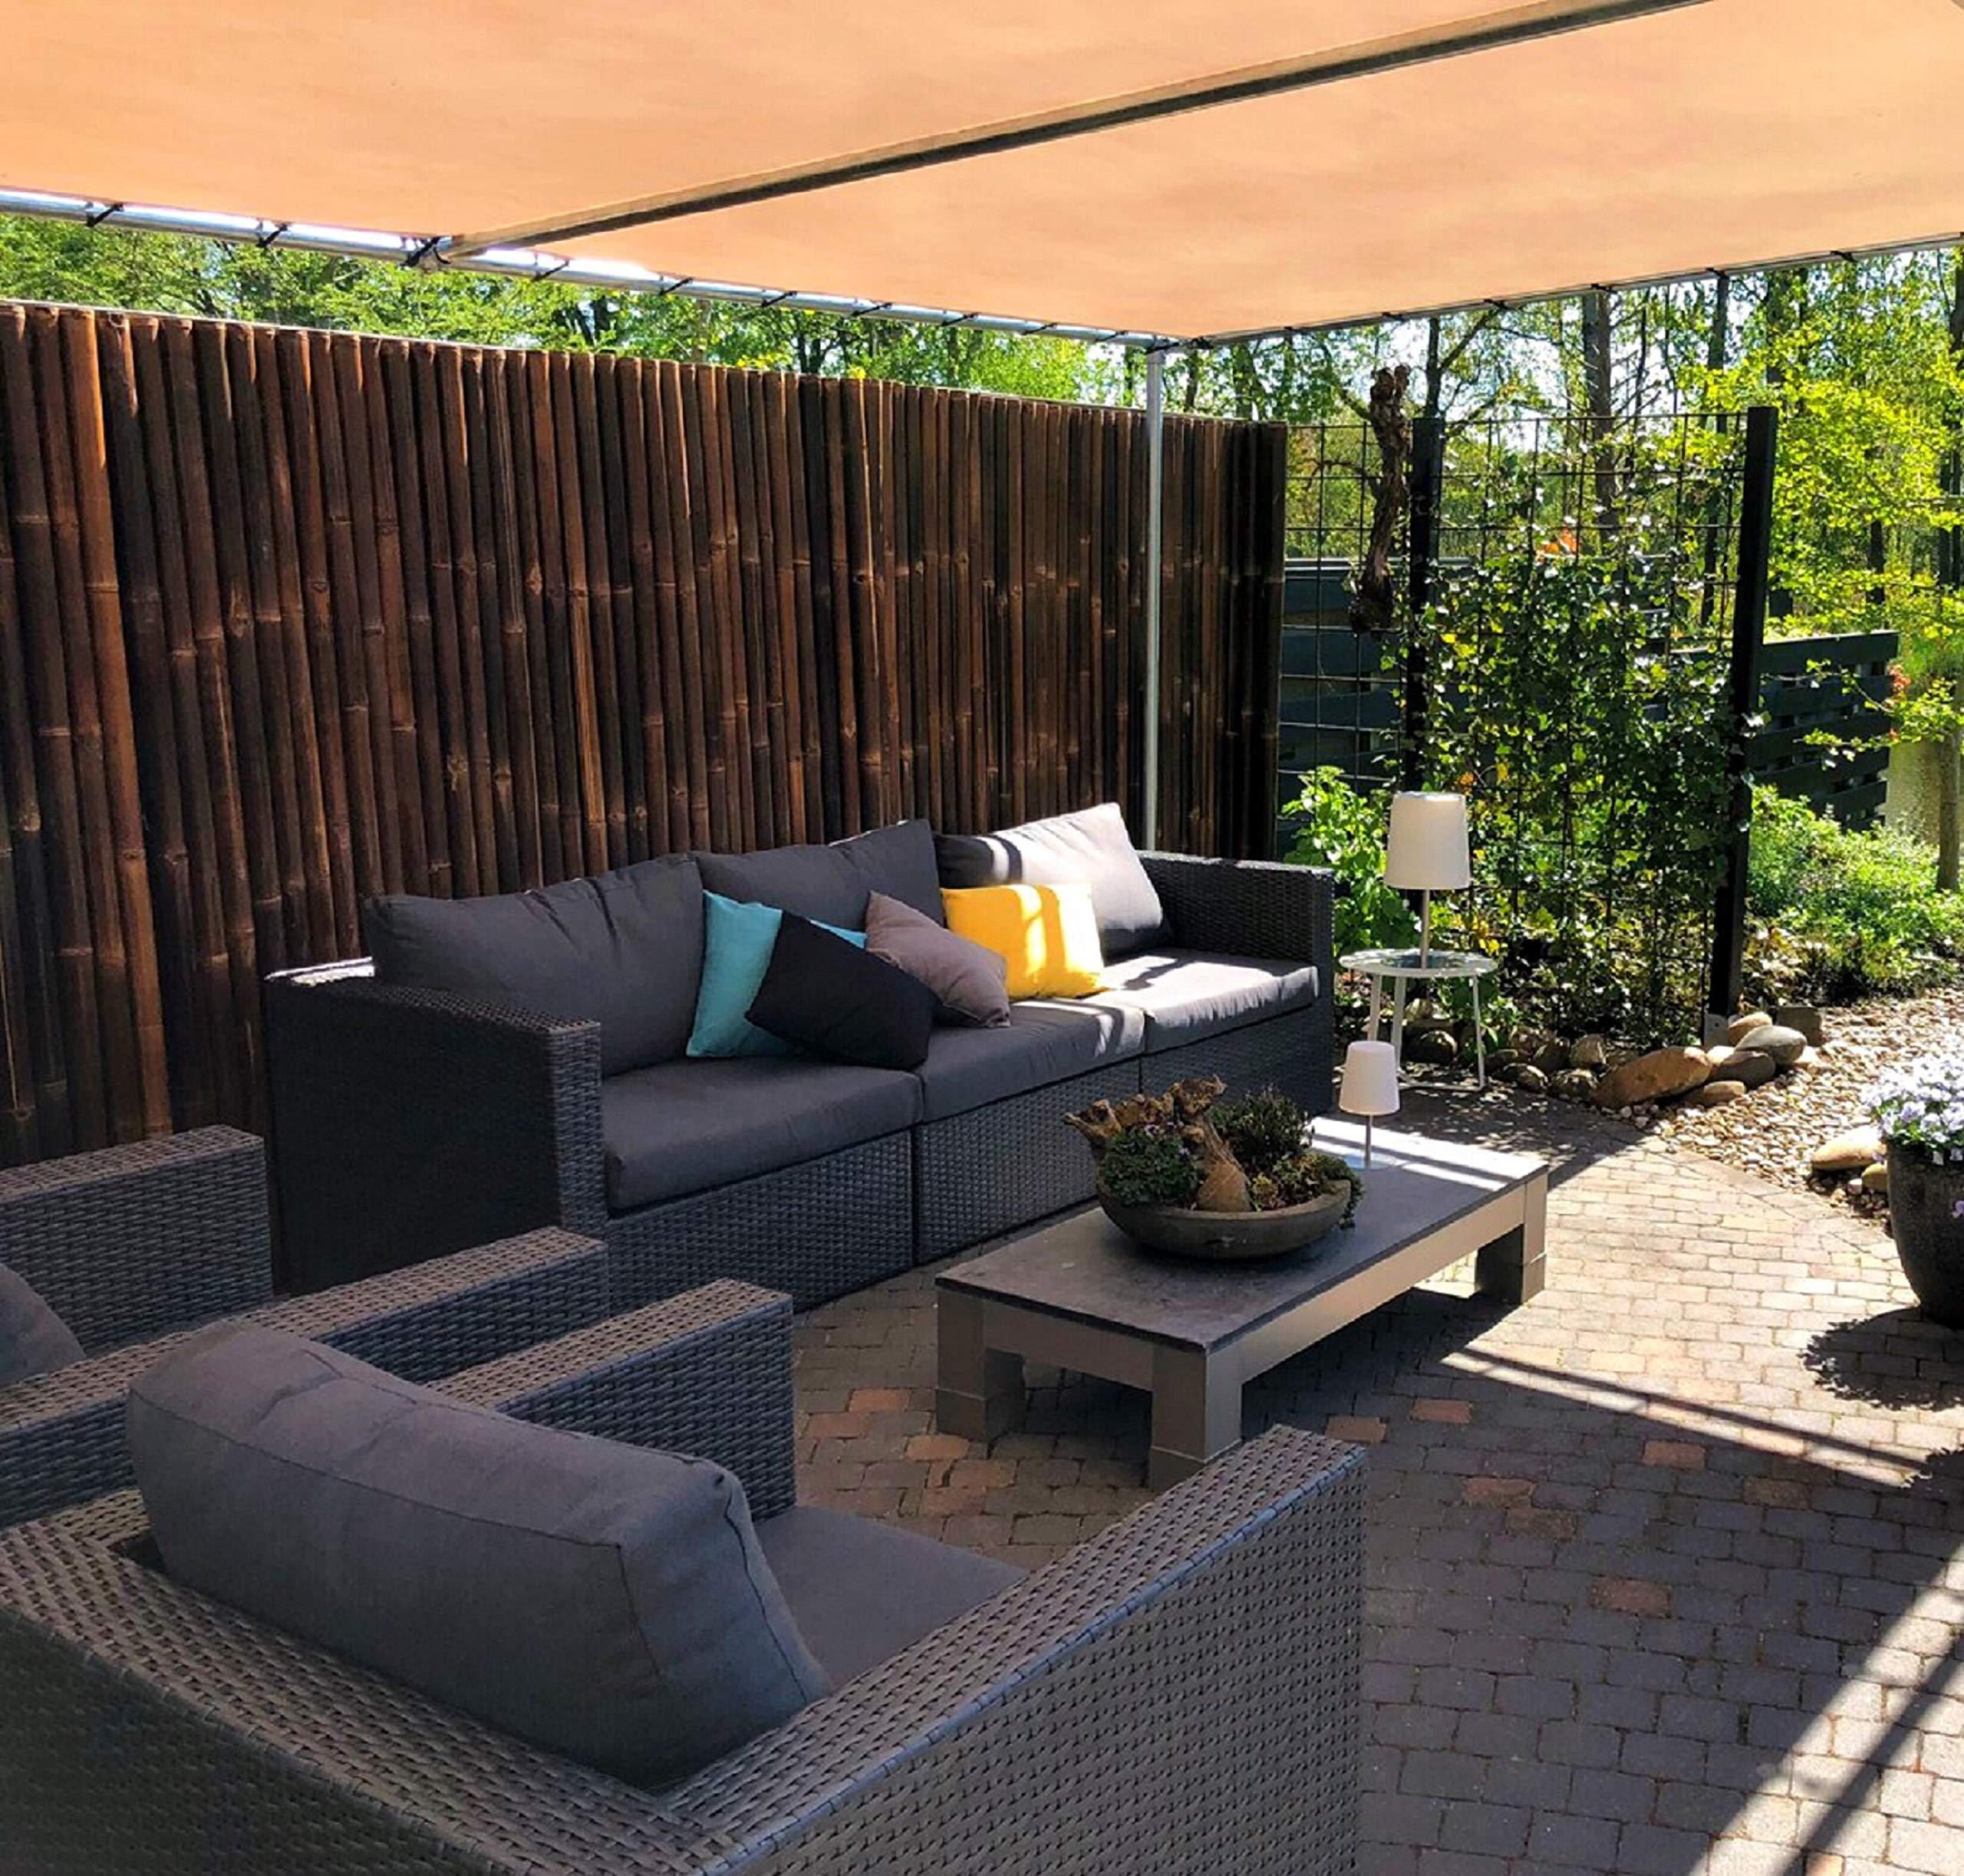 DE-COmmerce Extremo Estable Madera Bambú Valla Ocultación Valla XL Paravientos con Sim y Selladas Bambusrohren - Nigra, 180 x 100 cm: Amazon.es: Jardín